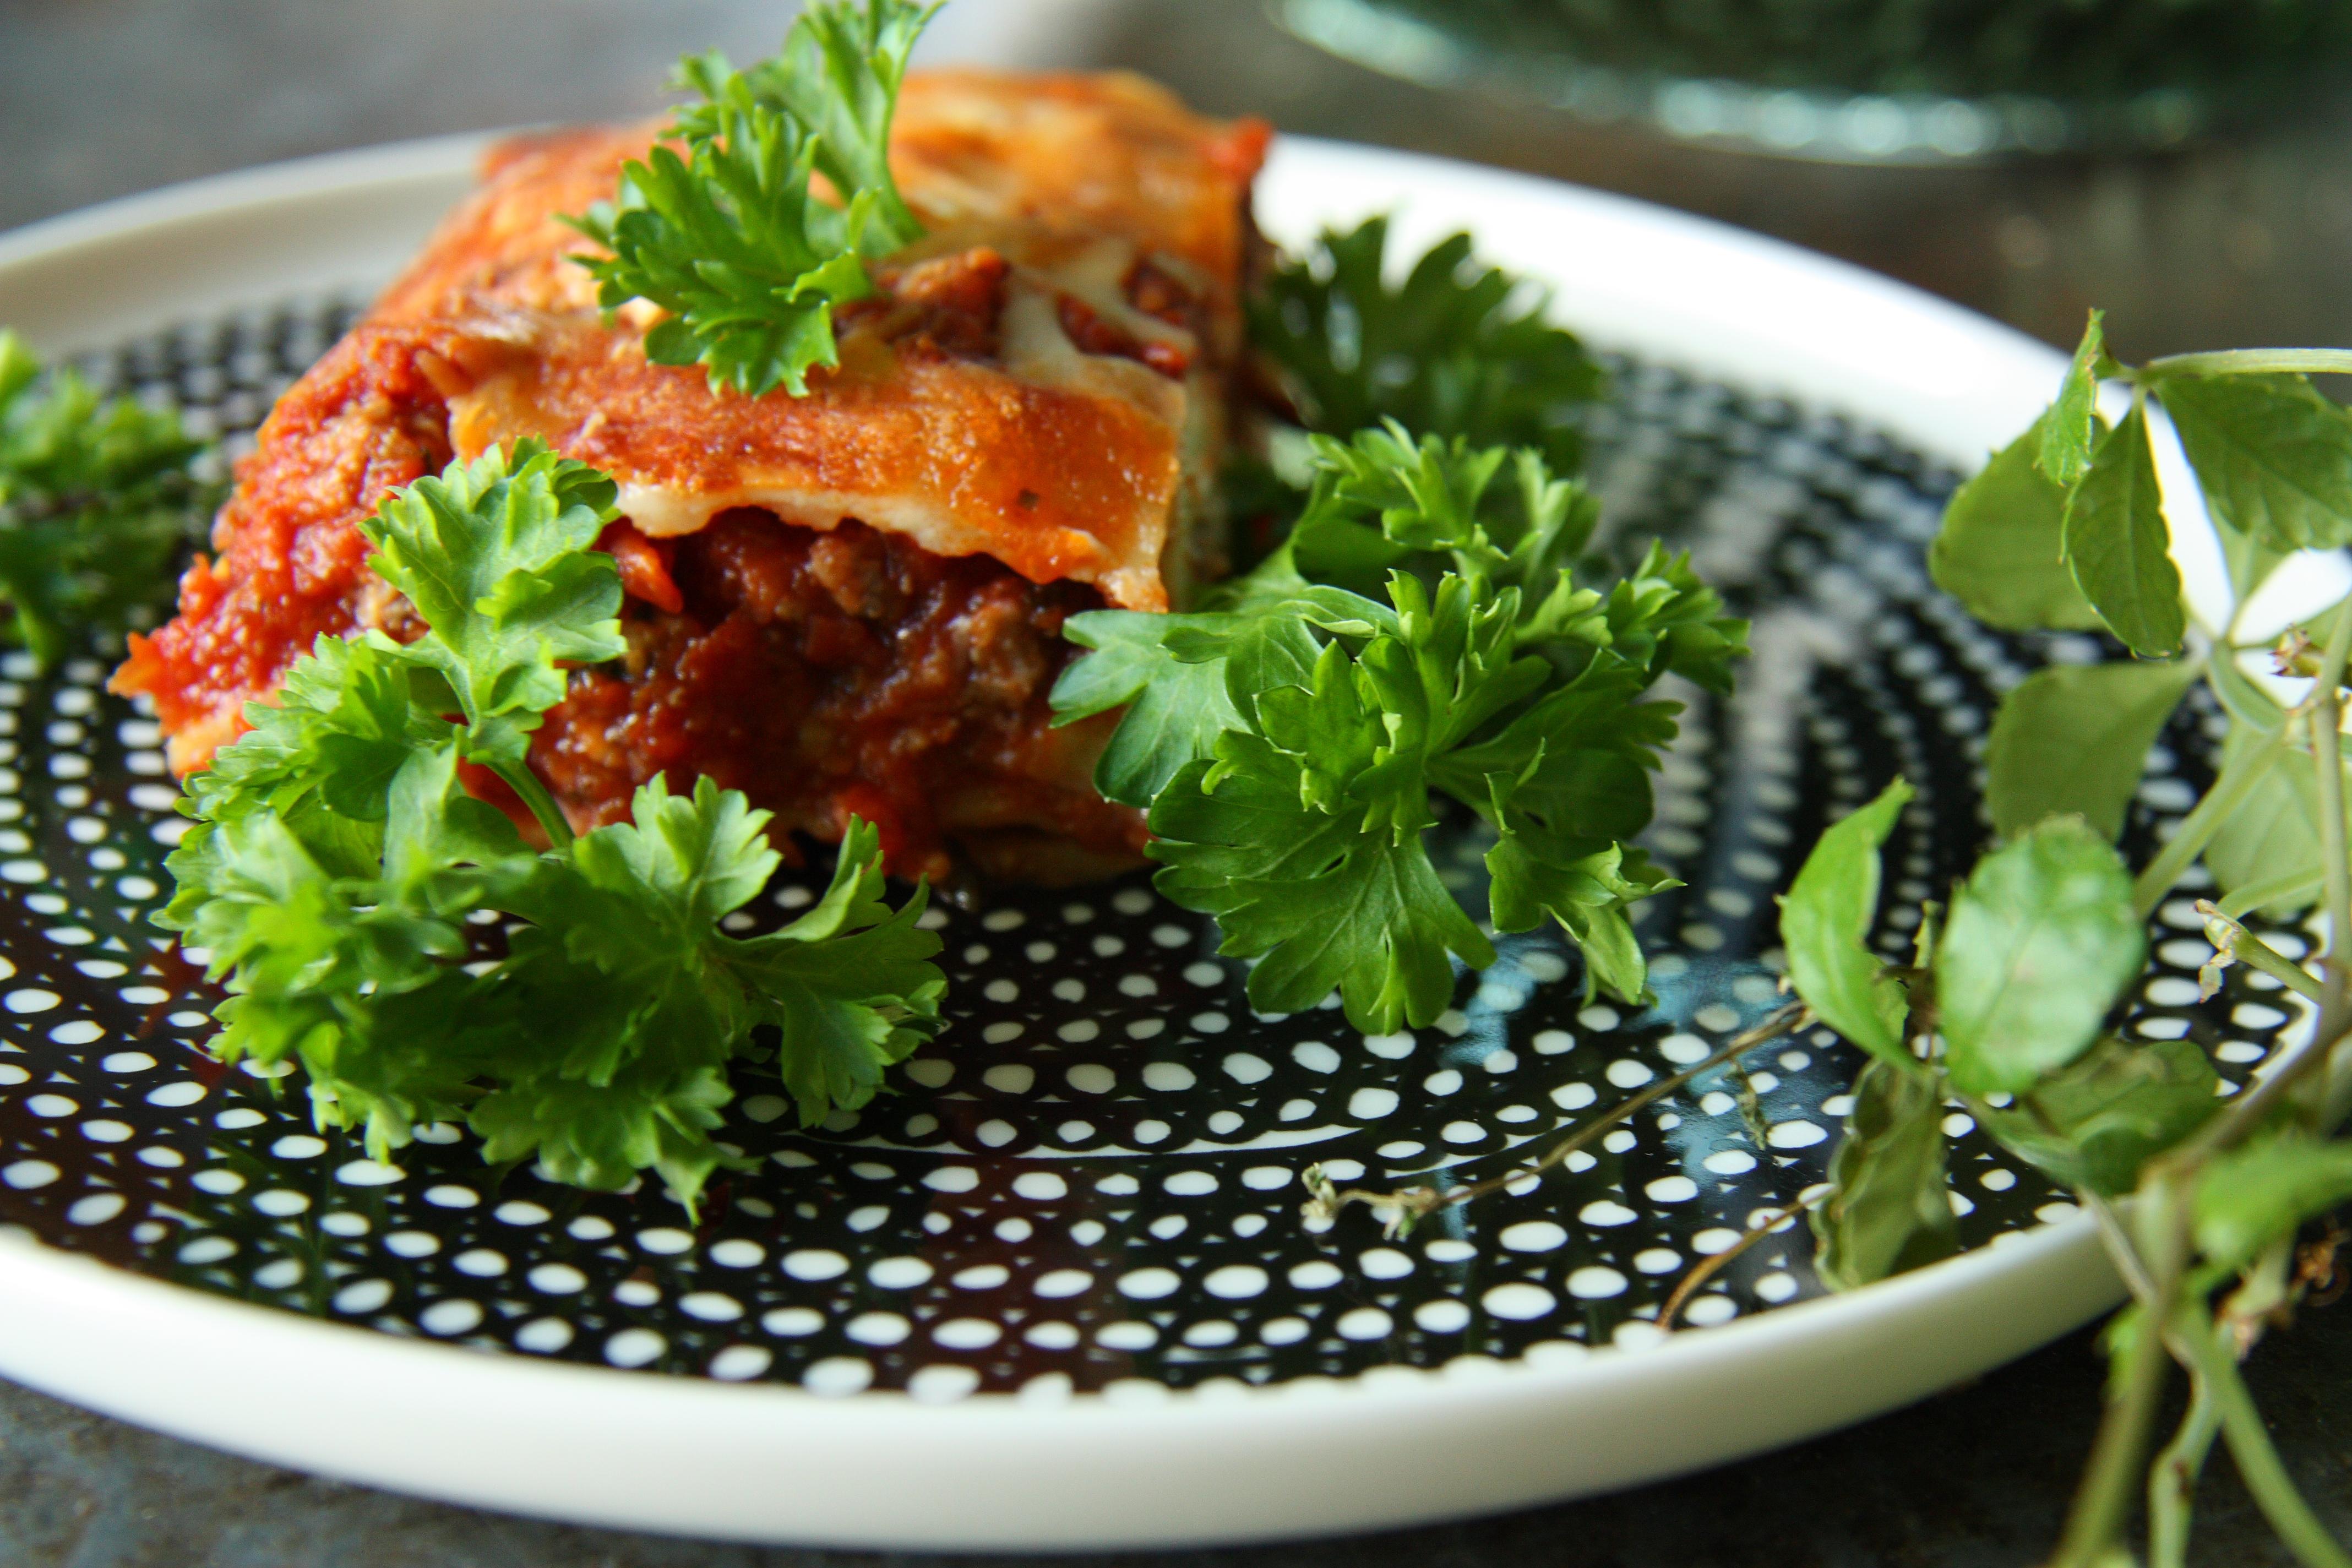 Arjen pelastajat: Tomaatti-myskikurpistakeitto ja kesäkurpitsa lasagne